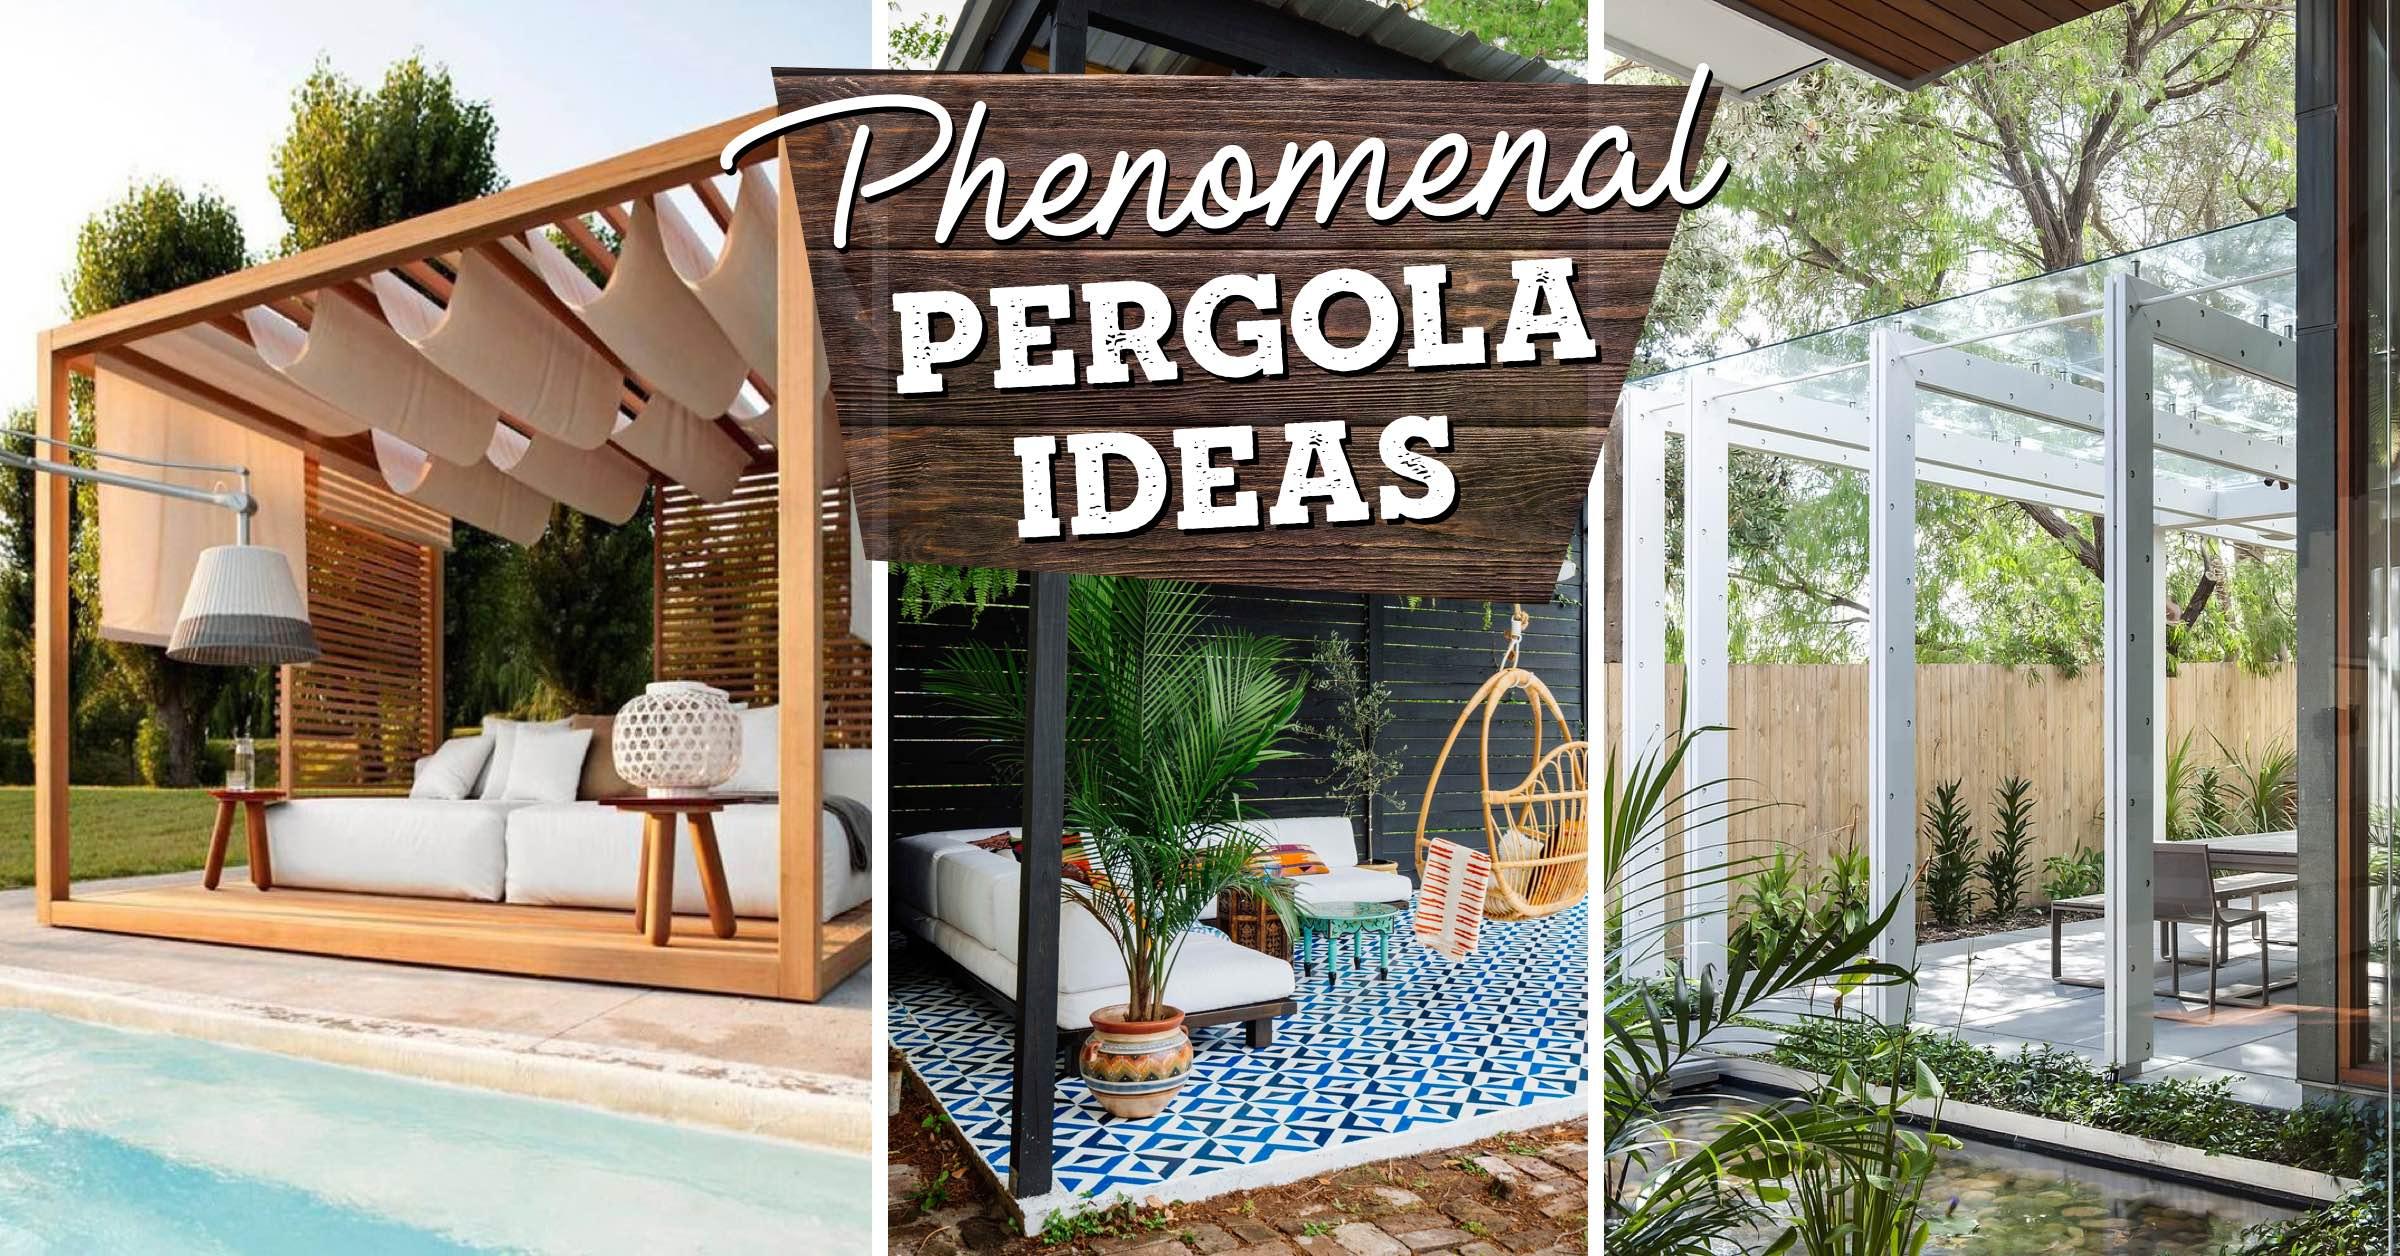 18 phenomenal pergola ideas that top a